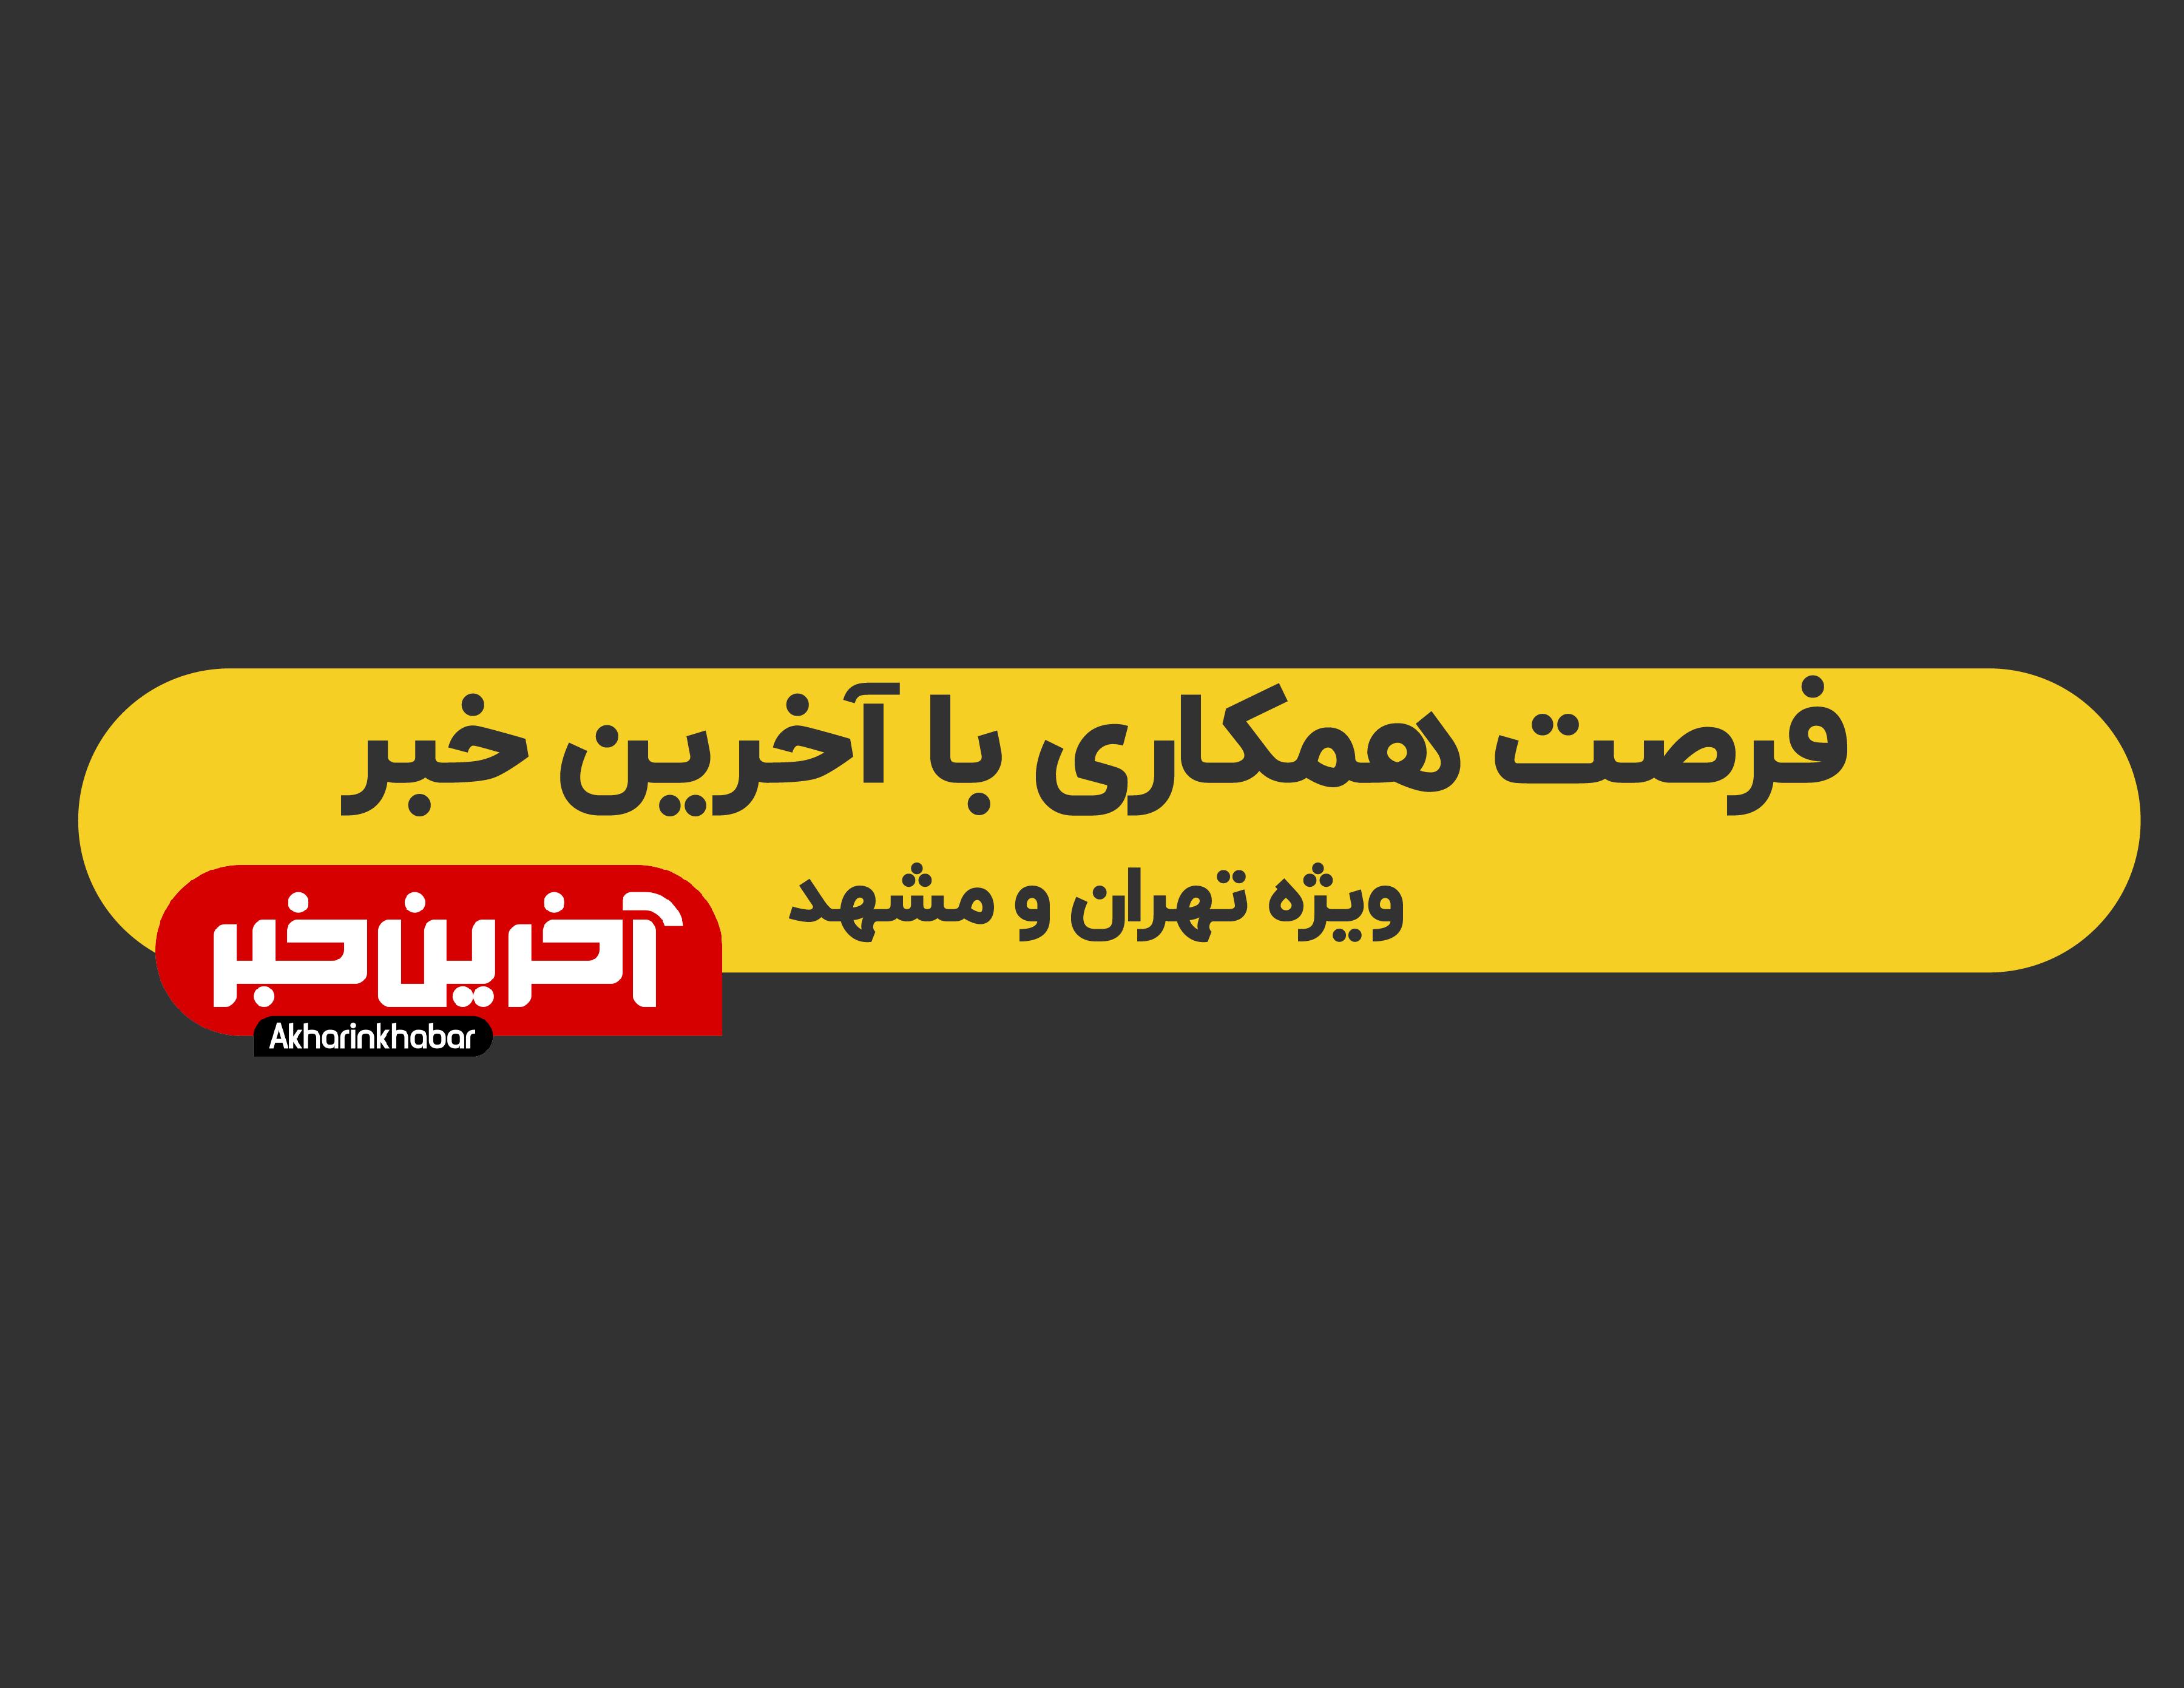 فرصت همکاری با تحریریه آخرین خبر ویژه شهرهای تهران و مشهد